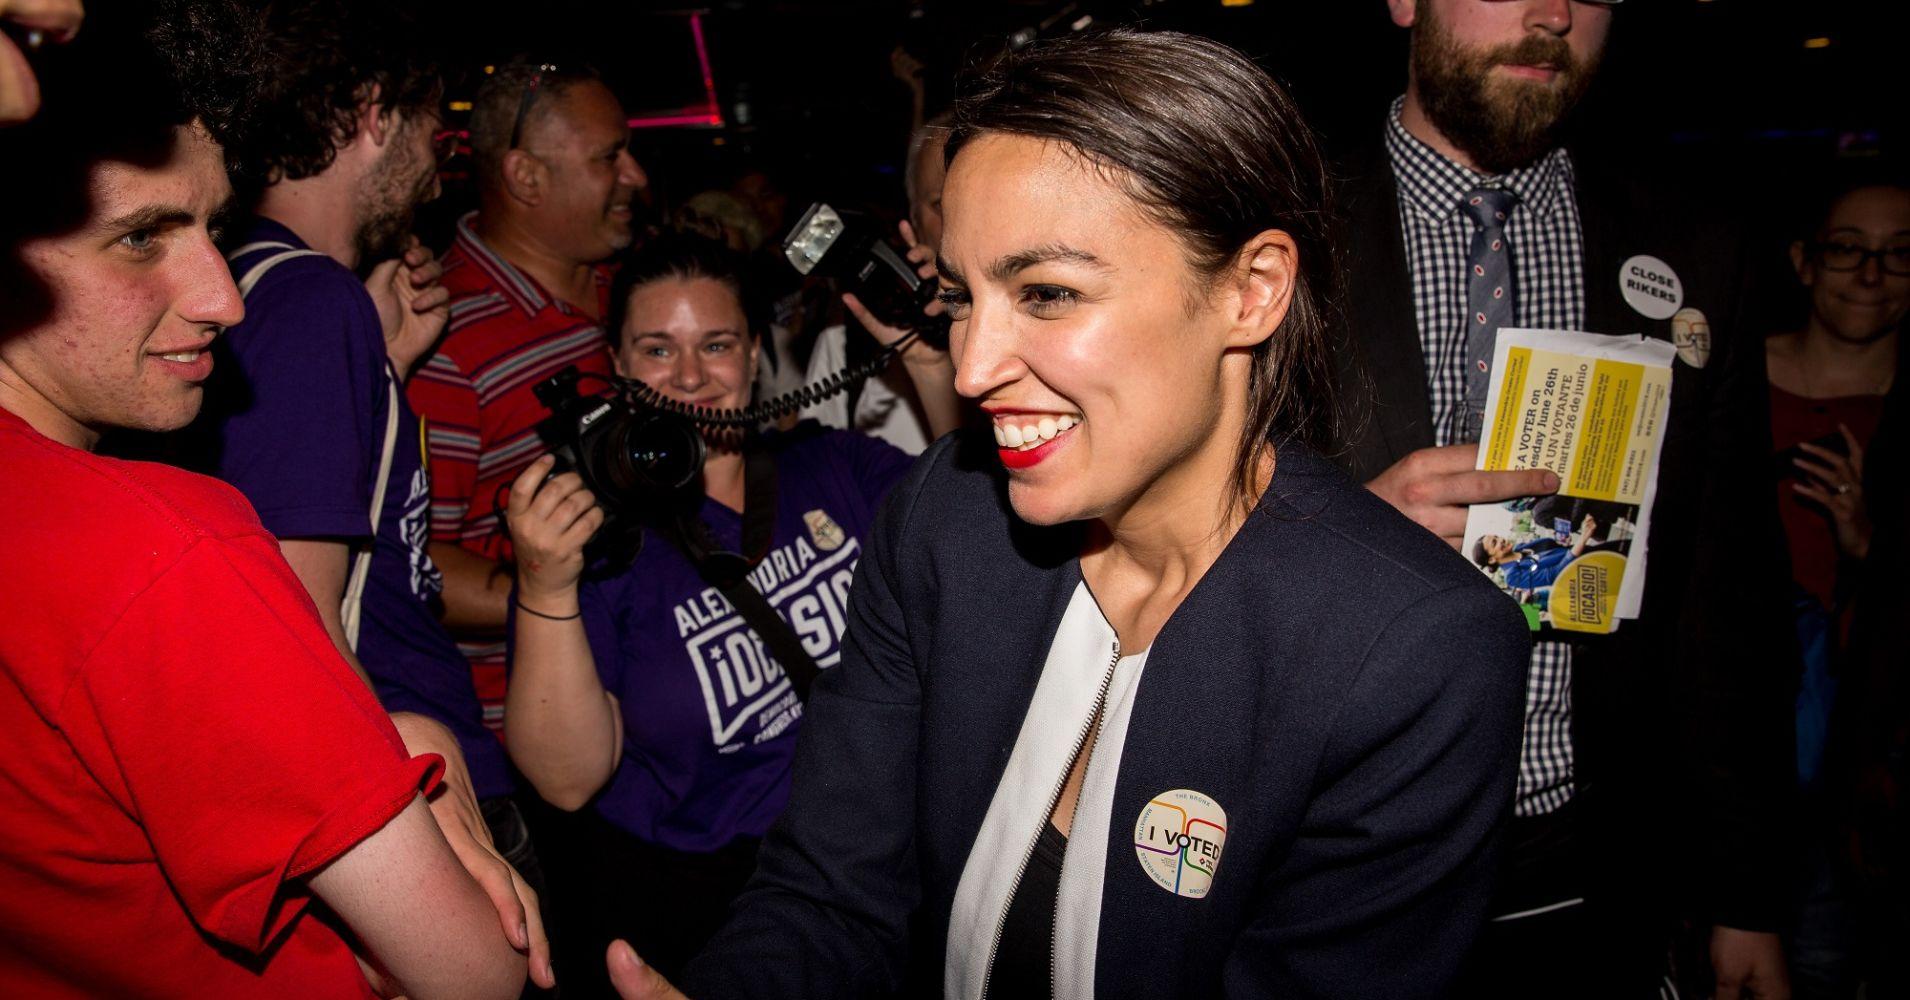 Alexandria Ocasio-Cortez spoke with UK's Jeremy Corbyn on the phone